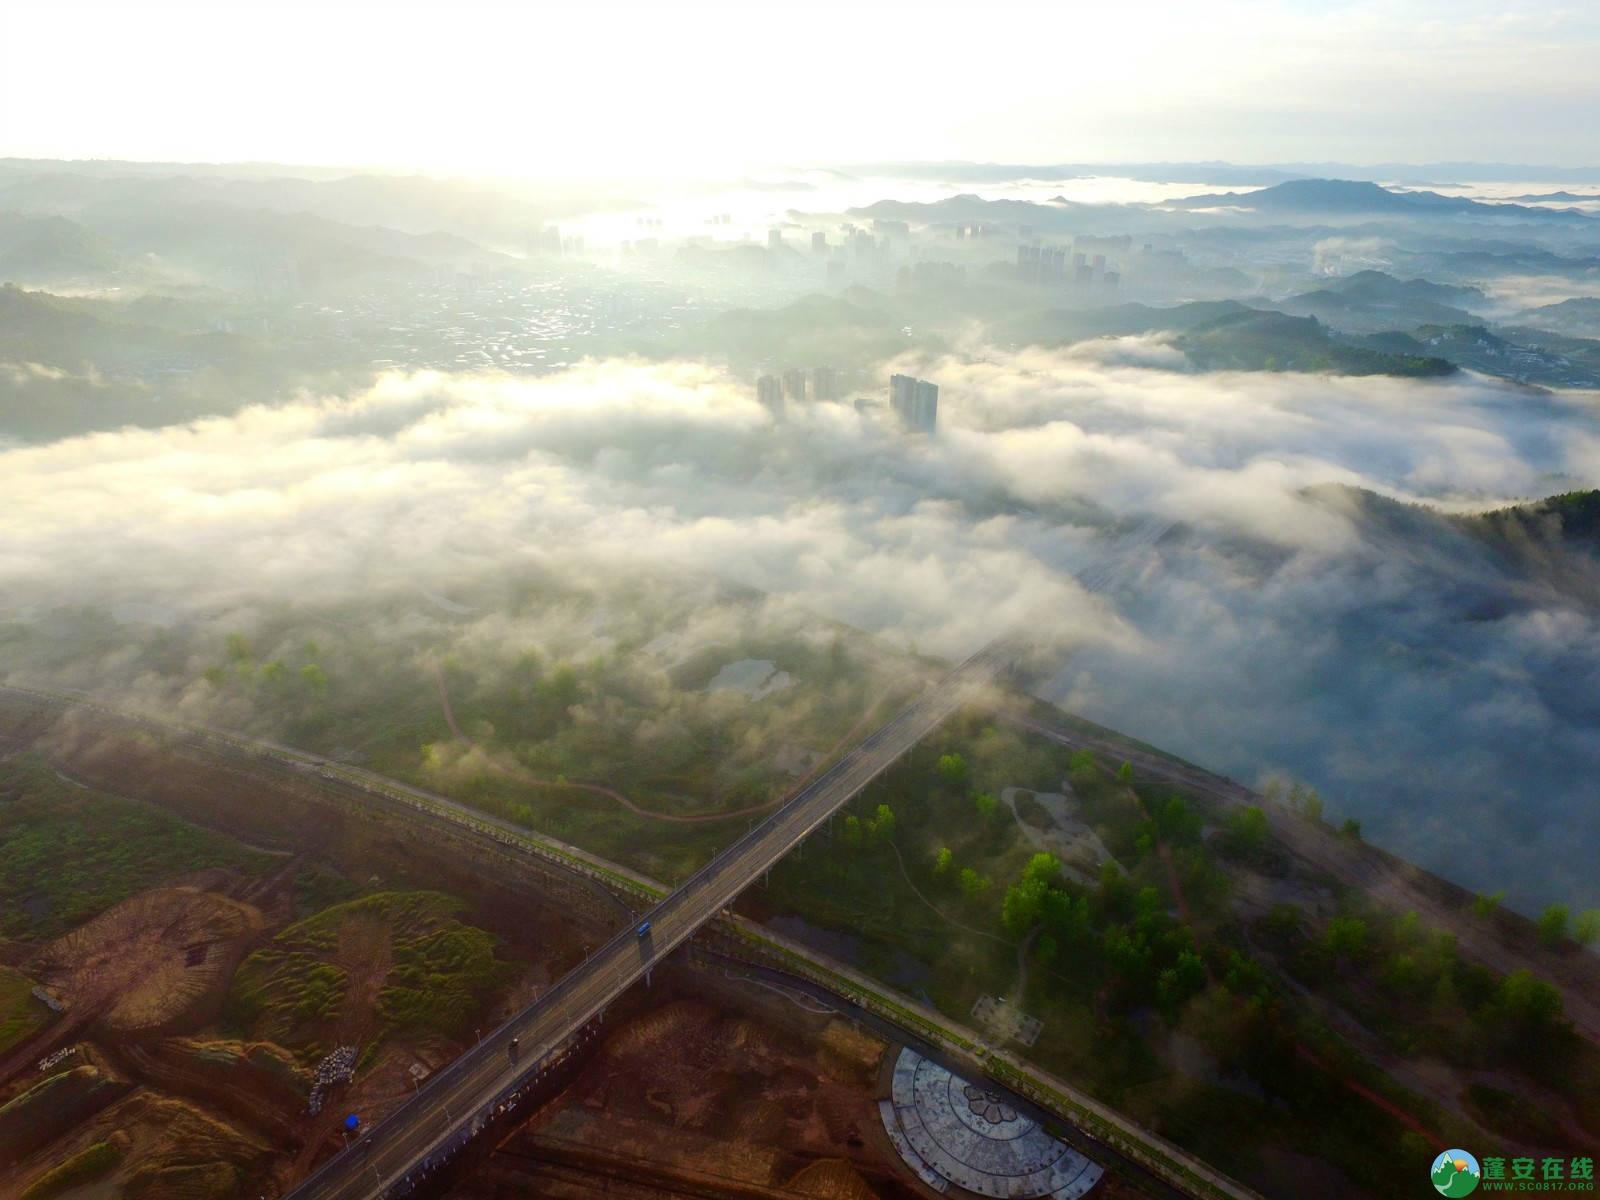 雾境蓬安 - 第4张  | 蓬安在线